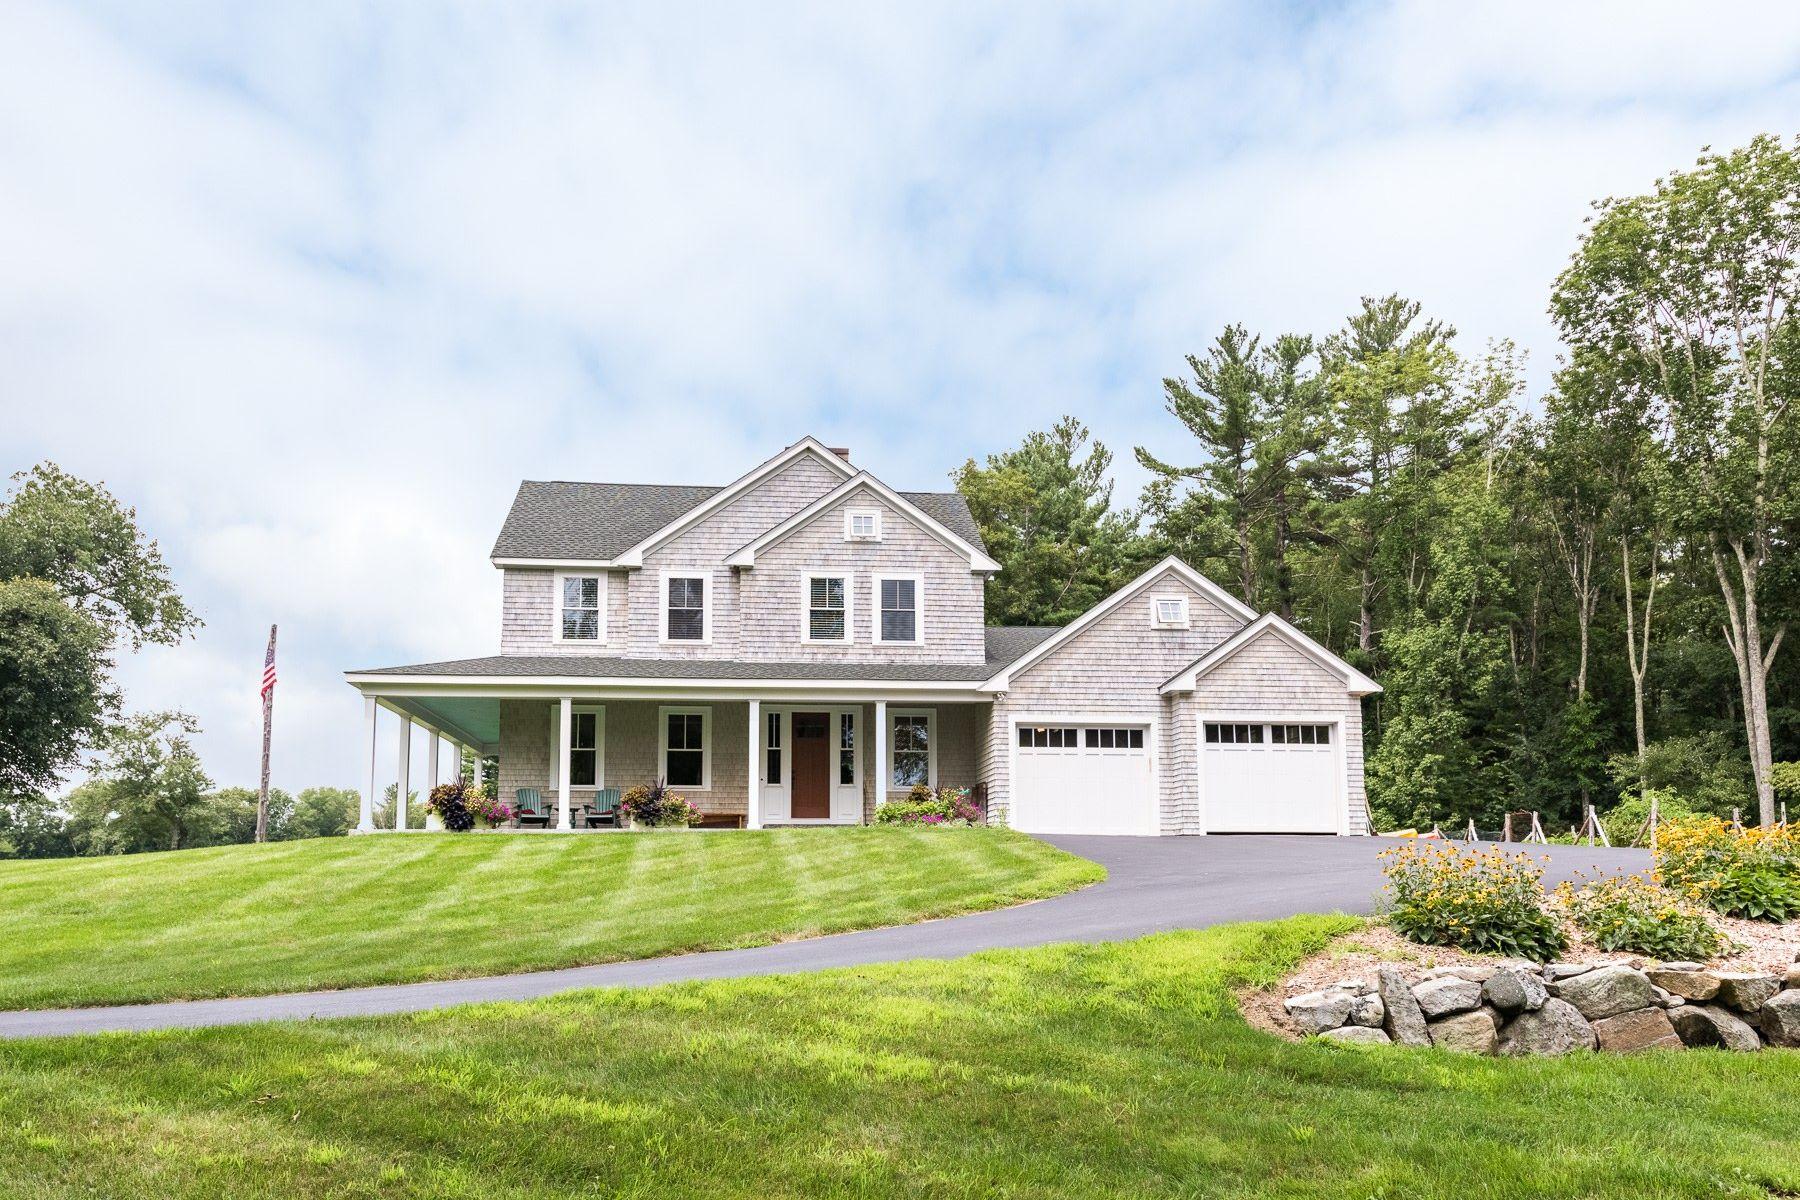 Μονοκατοικία για την Πώληση στο 459 - 463 Log Rd, Smithfield, RI Smithfield, Ροουντ Αϊλαντ 02917 Ηνωμένες Πολιτείες